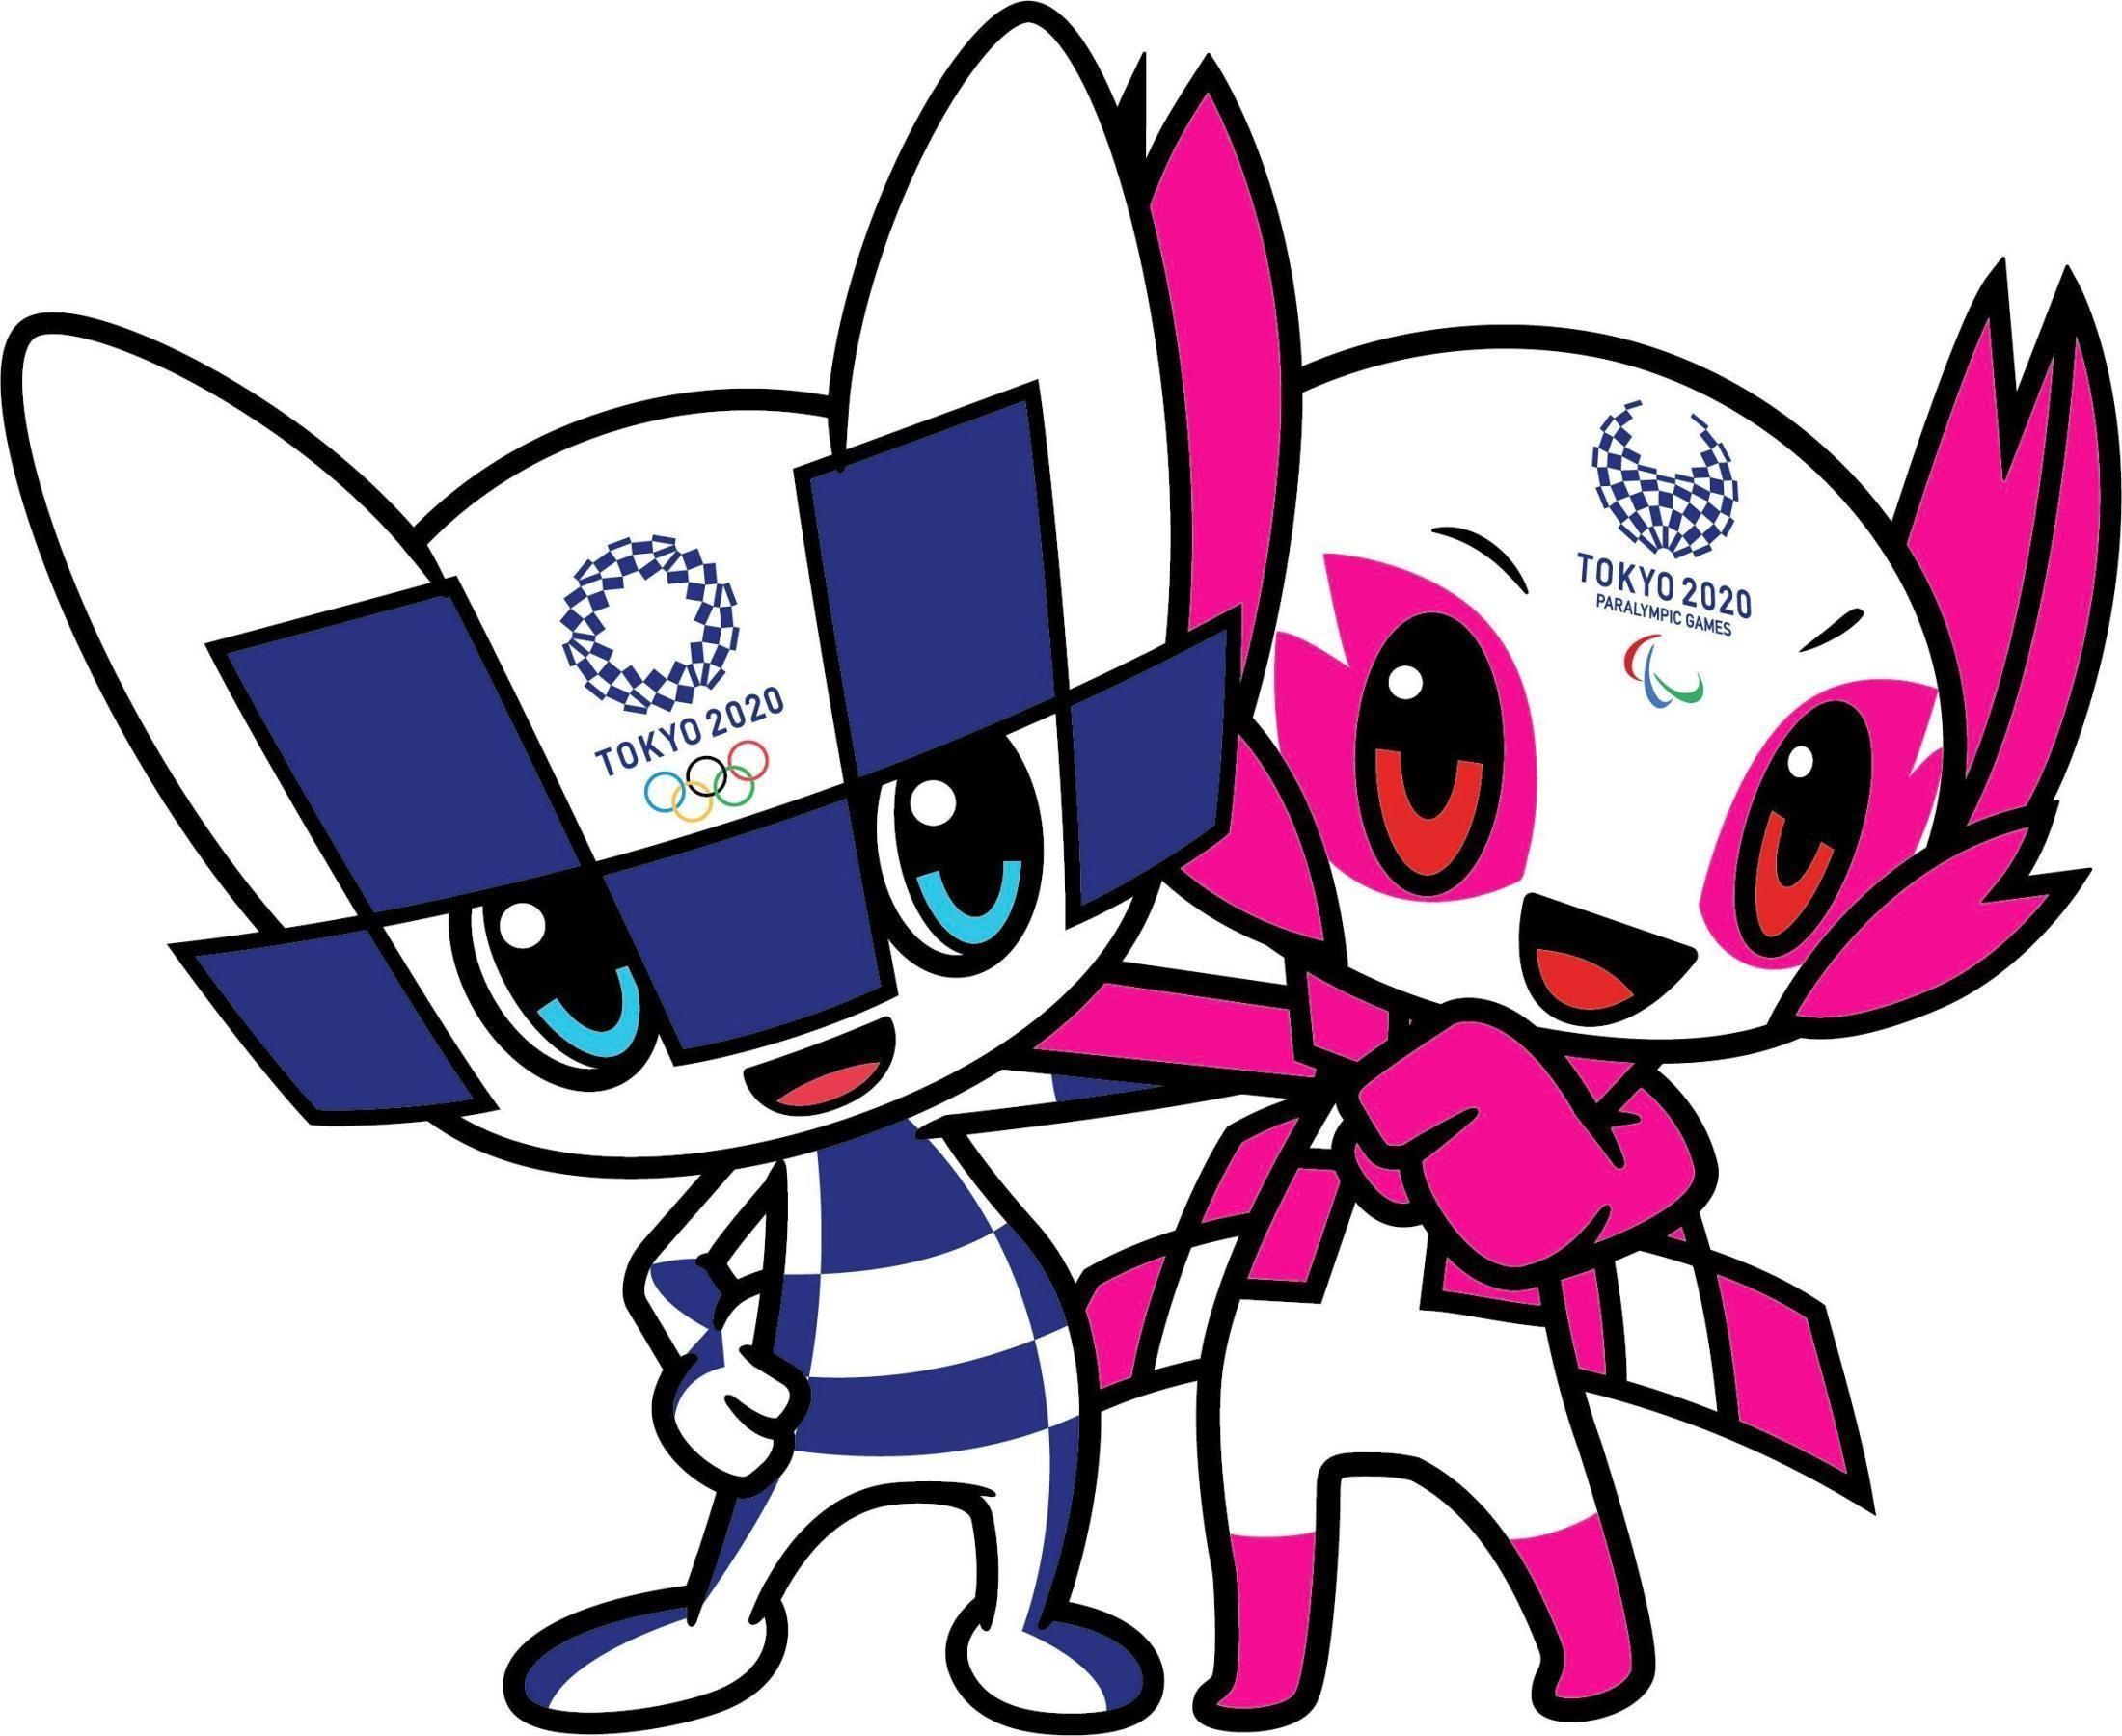 五輪マスコット名にskeファン プリキュアファンが反応 ミライトワ 7 22 日 デイリースポーツ 肩を組む東京五輪マスコット ミライトワ 左 と パラリンピックマスコット ソメイティ 右 tokyo2020提供 オリンピック競技 夏季オリンピック